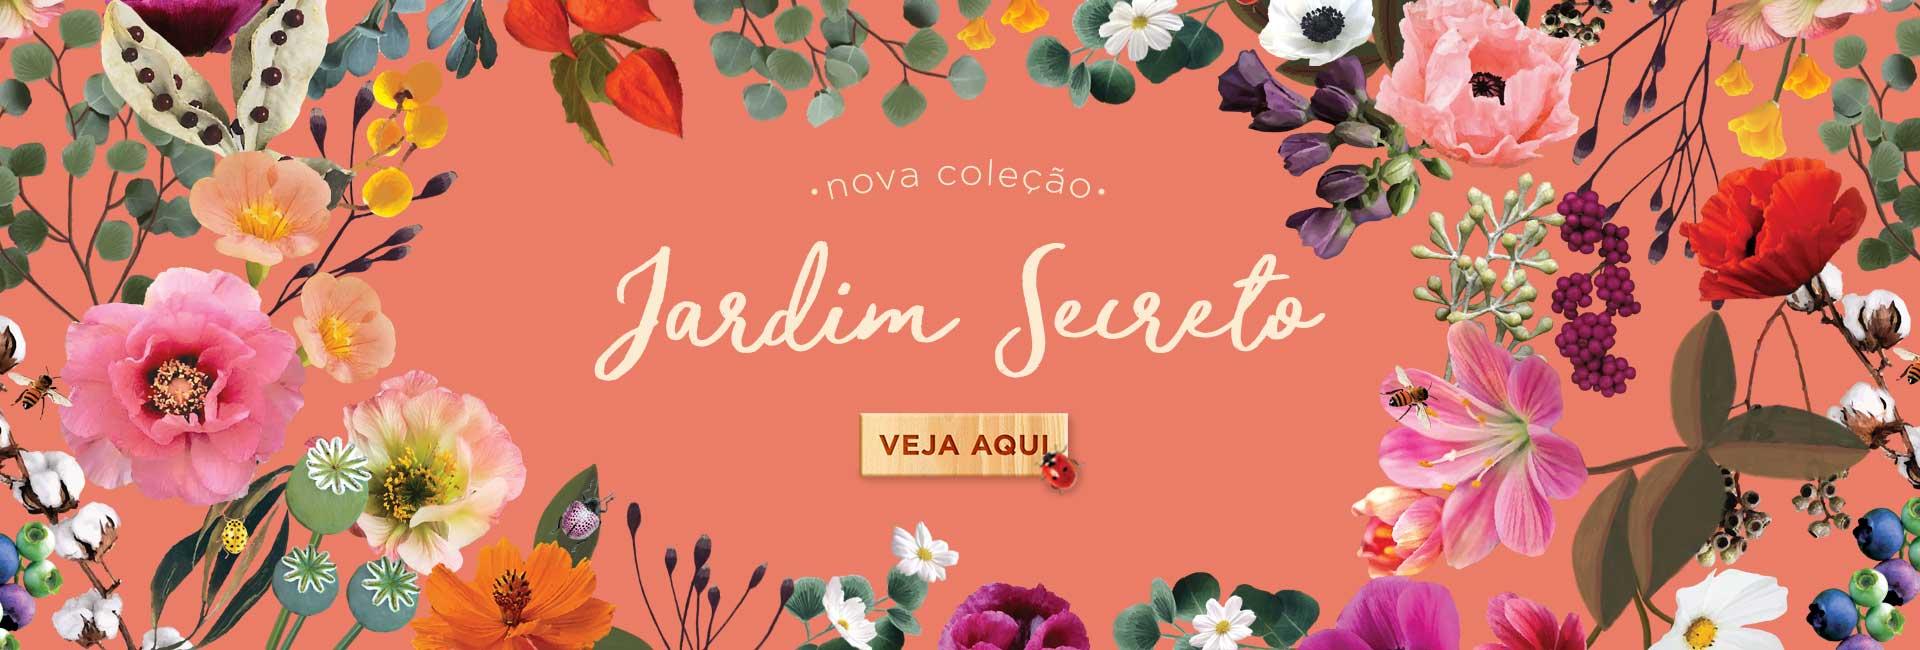 Banner dia dos JD SECRETO